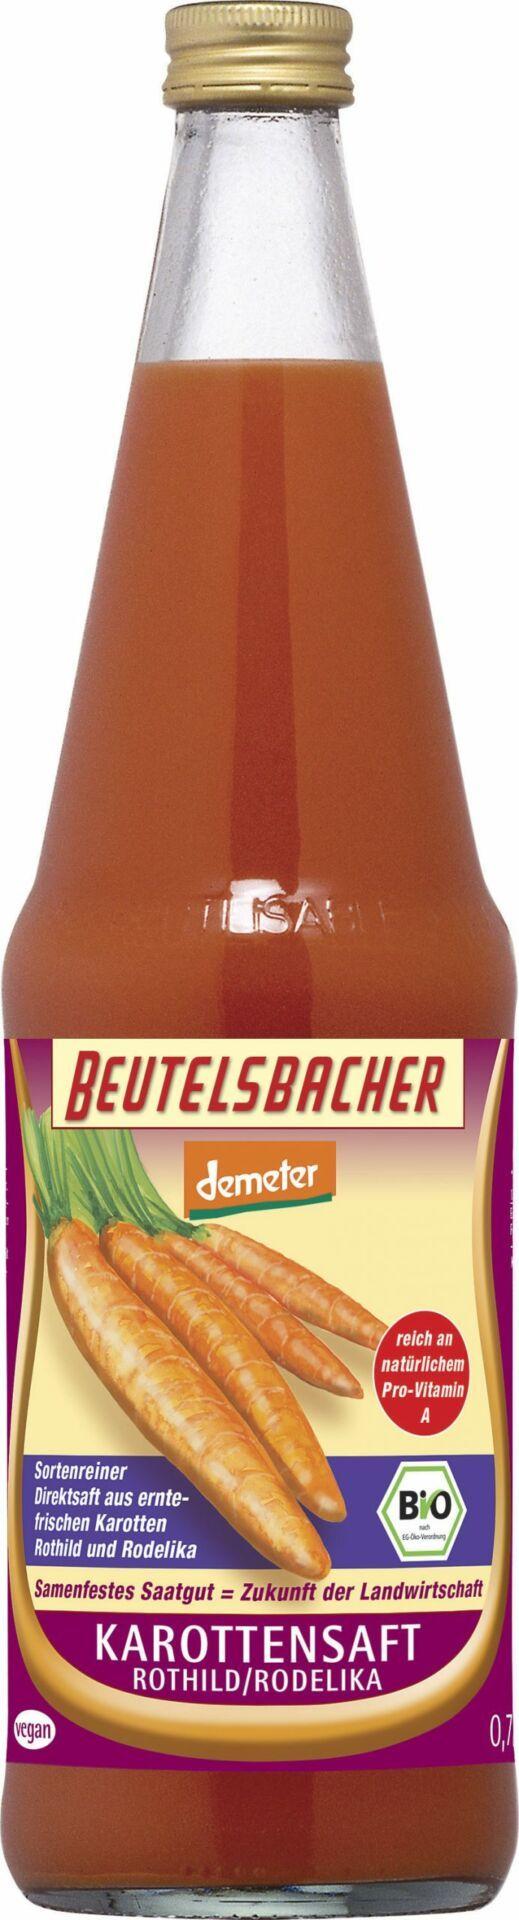 BEUTELSBACHER Demeter Karottensaft Rodelika Direktsaft 6x0,7l